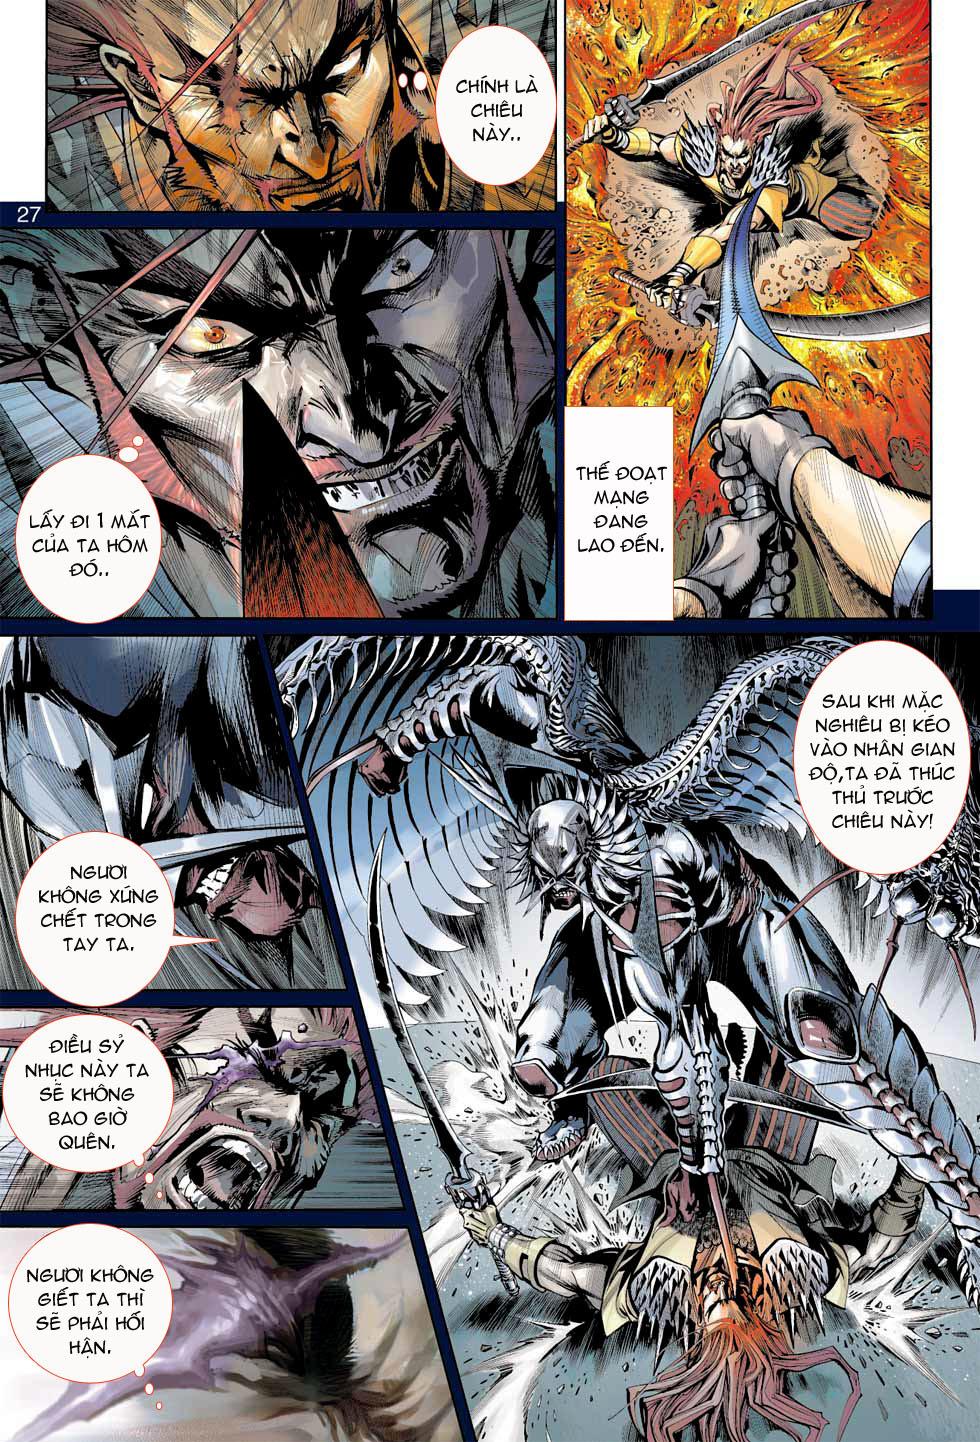 Thần Binh 4 chap 7 - Trang 27